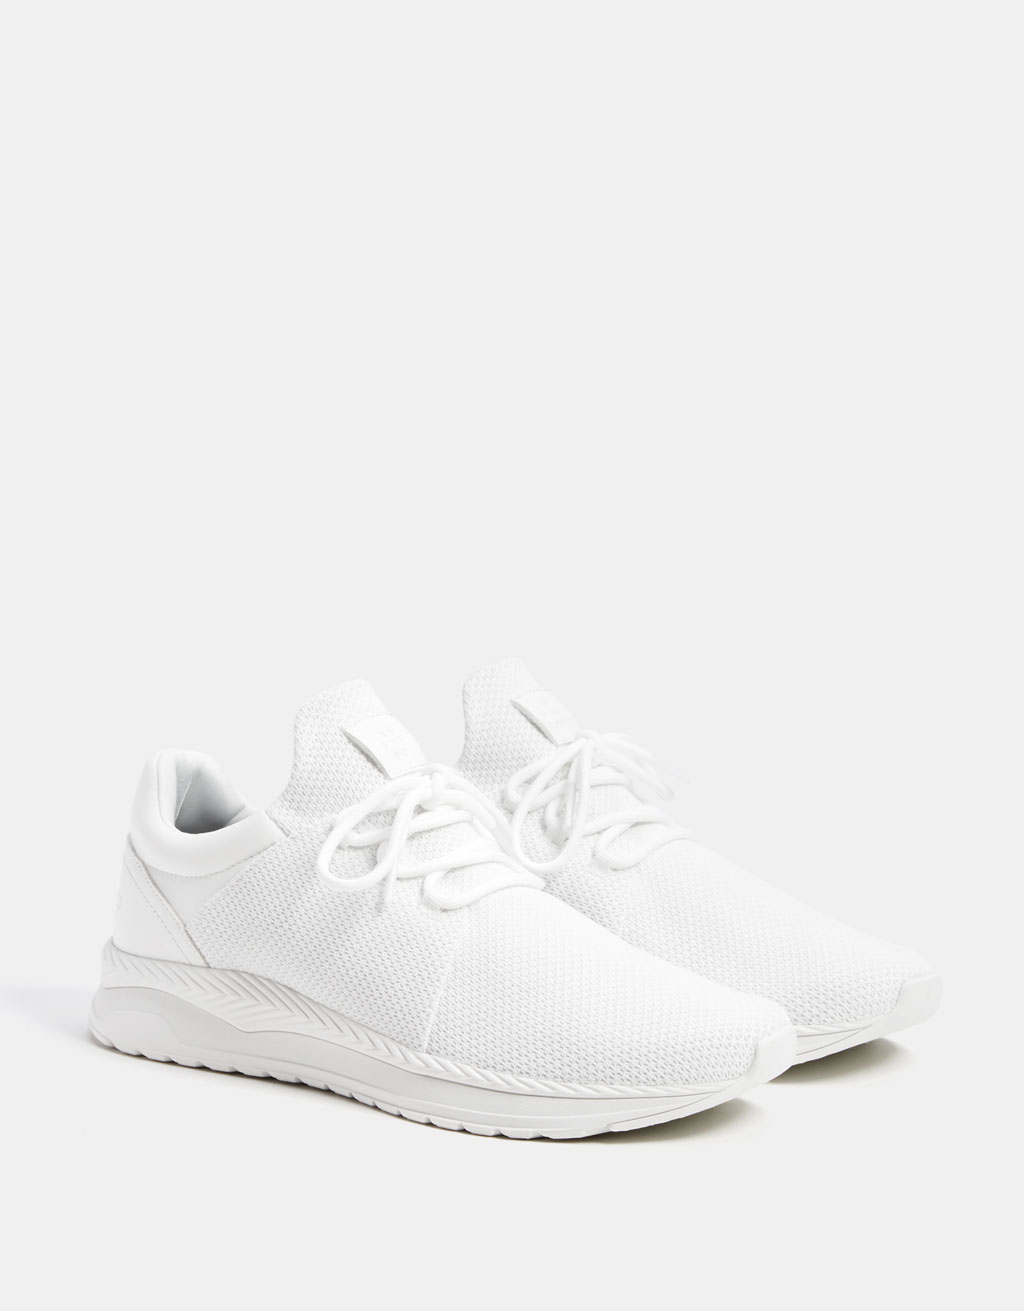 Sneaker mit Socken- und Netzeinsatz für Herren